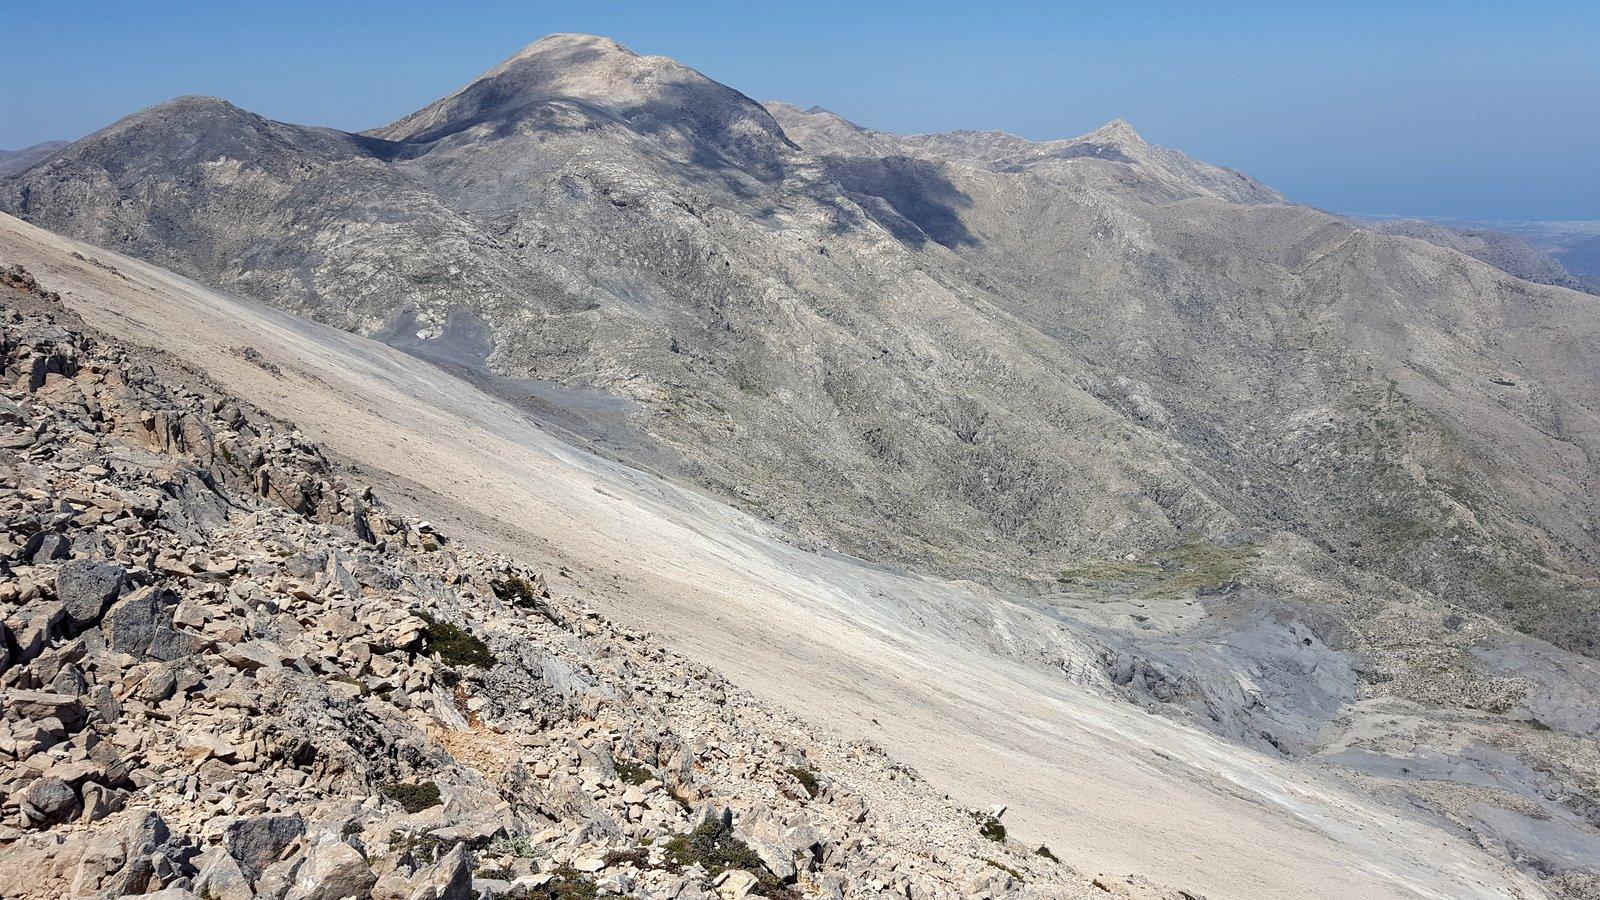 Gli impressionanti pendii di ghiaioni ai lati del tratto finale della cresta, sullo sfondo Aghio Pnevma